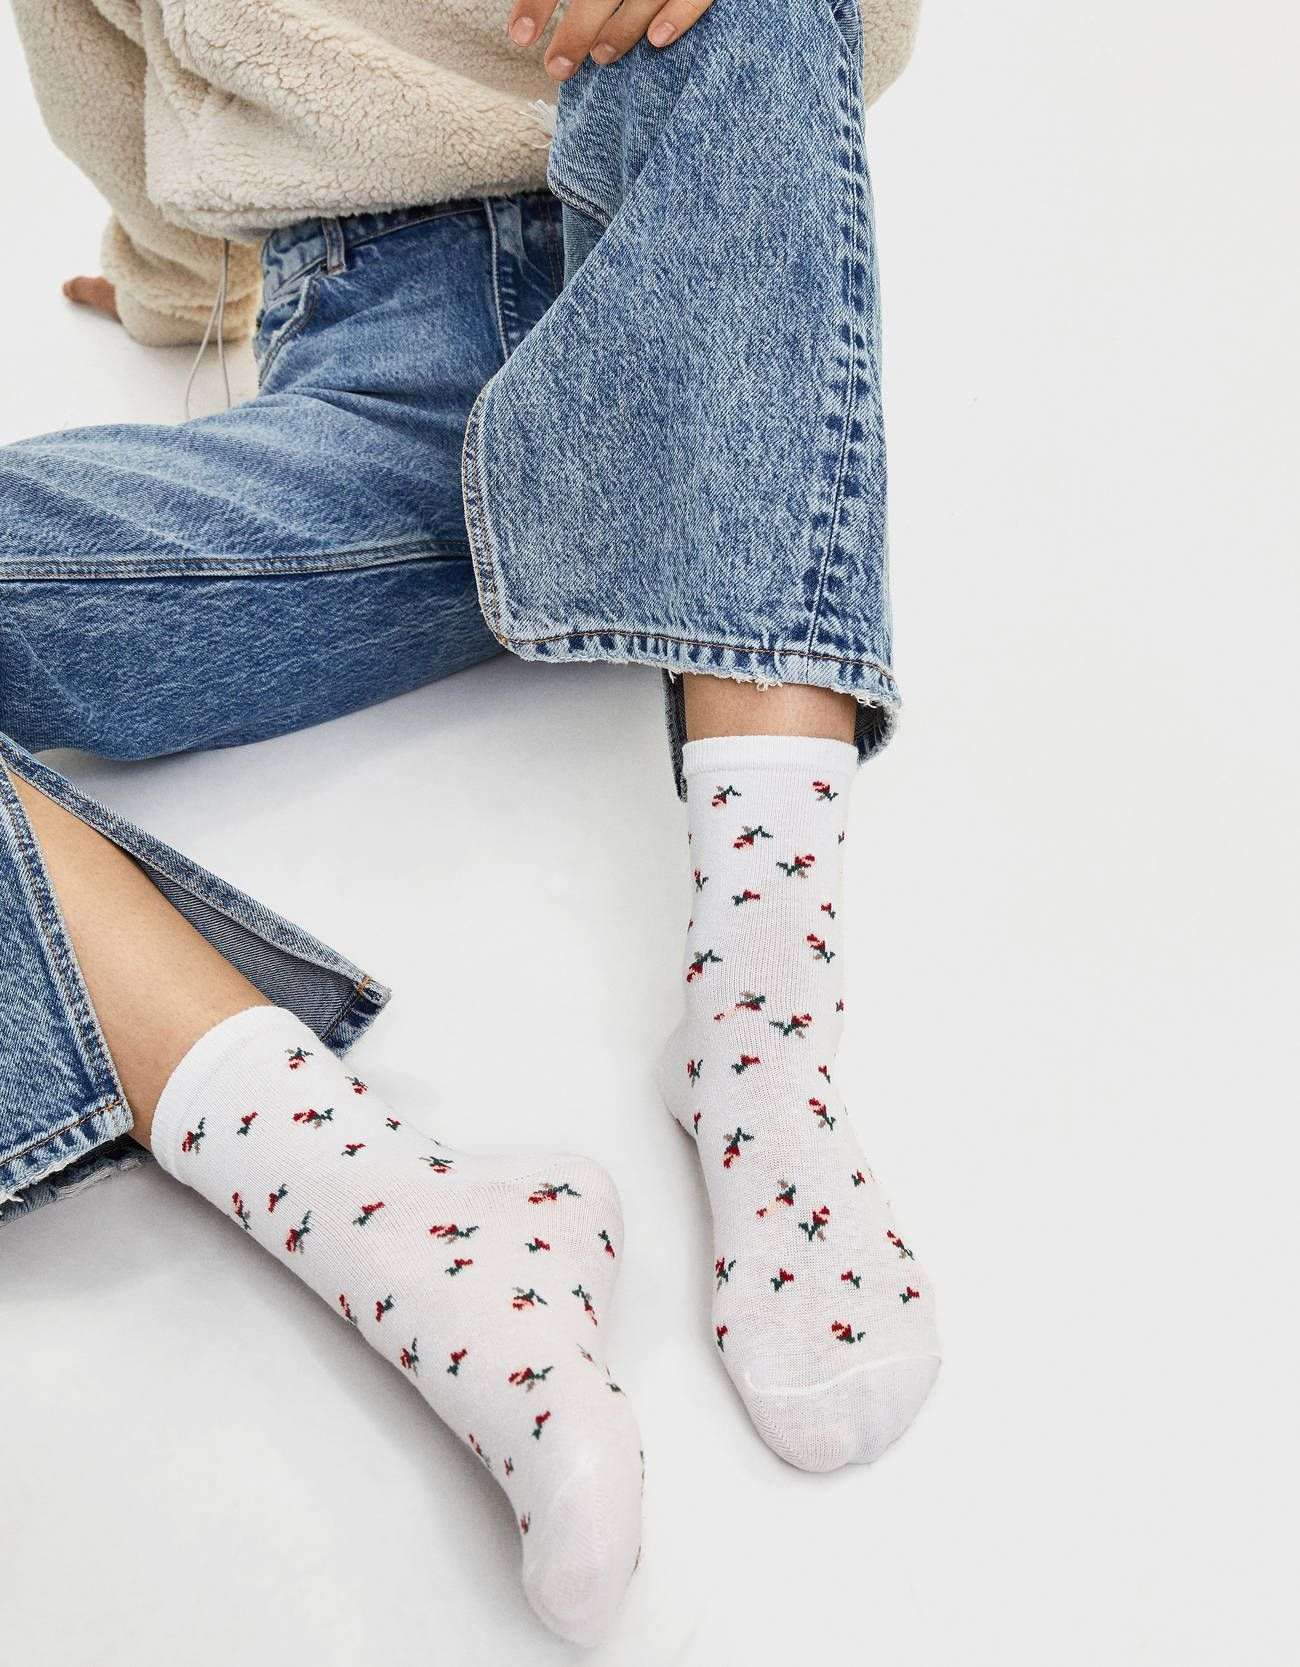 ¿Necesitas renovar tus calcetines? Pues Bershka tiene los más bonitos